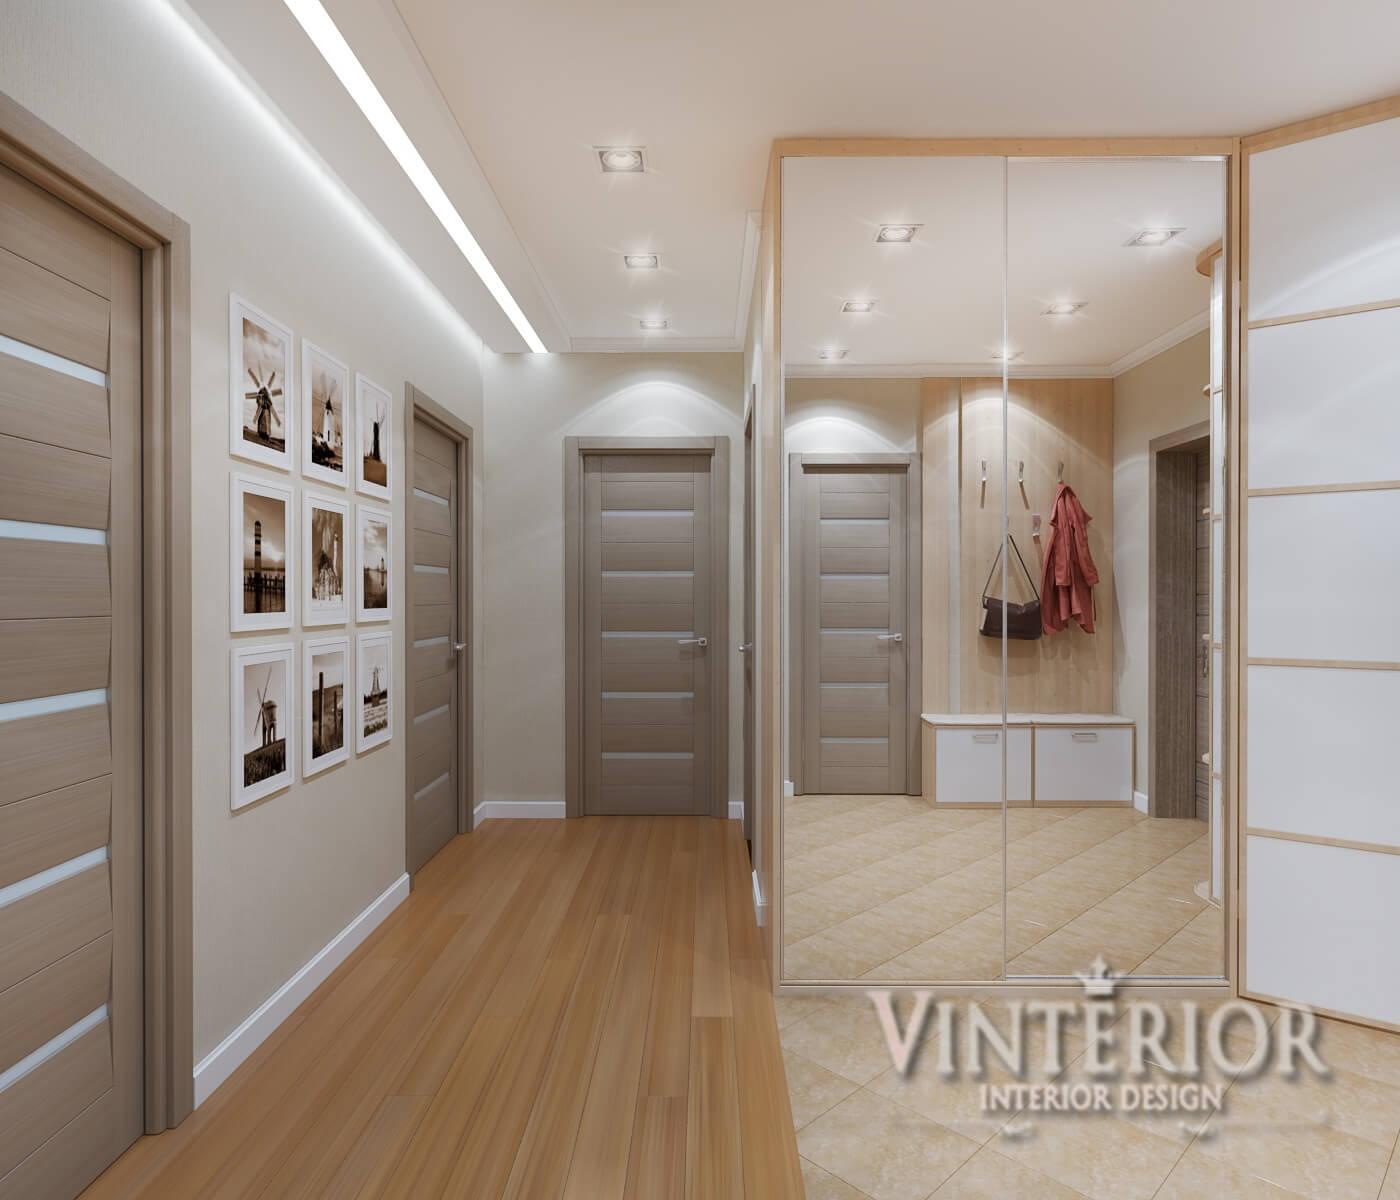 Квартира 3-х комнатная, Оболонский р-н, г. Киев